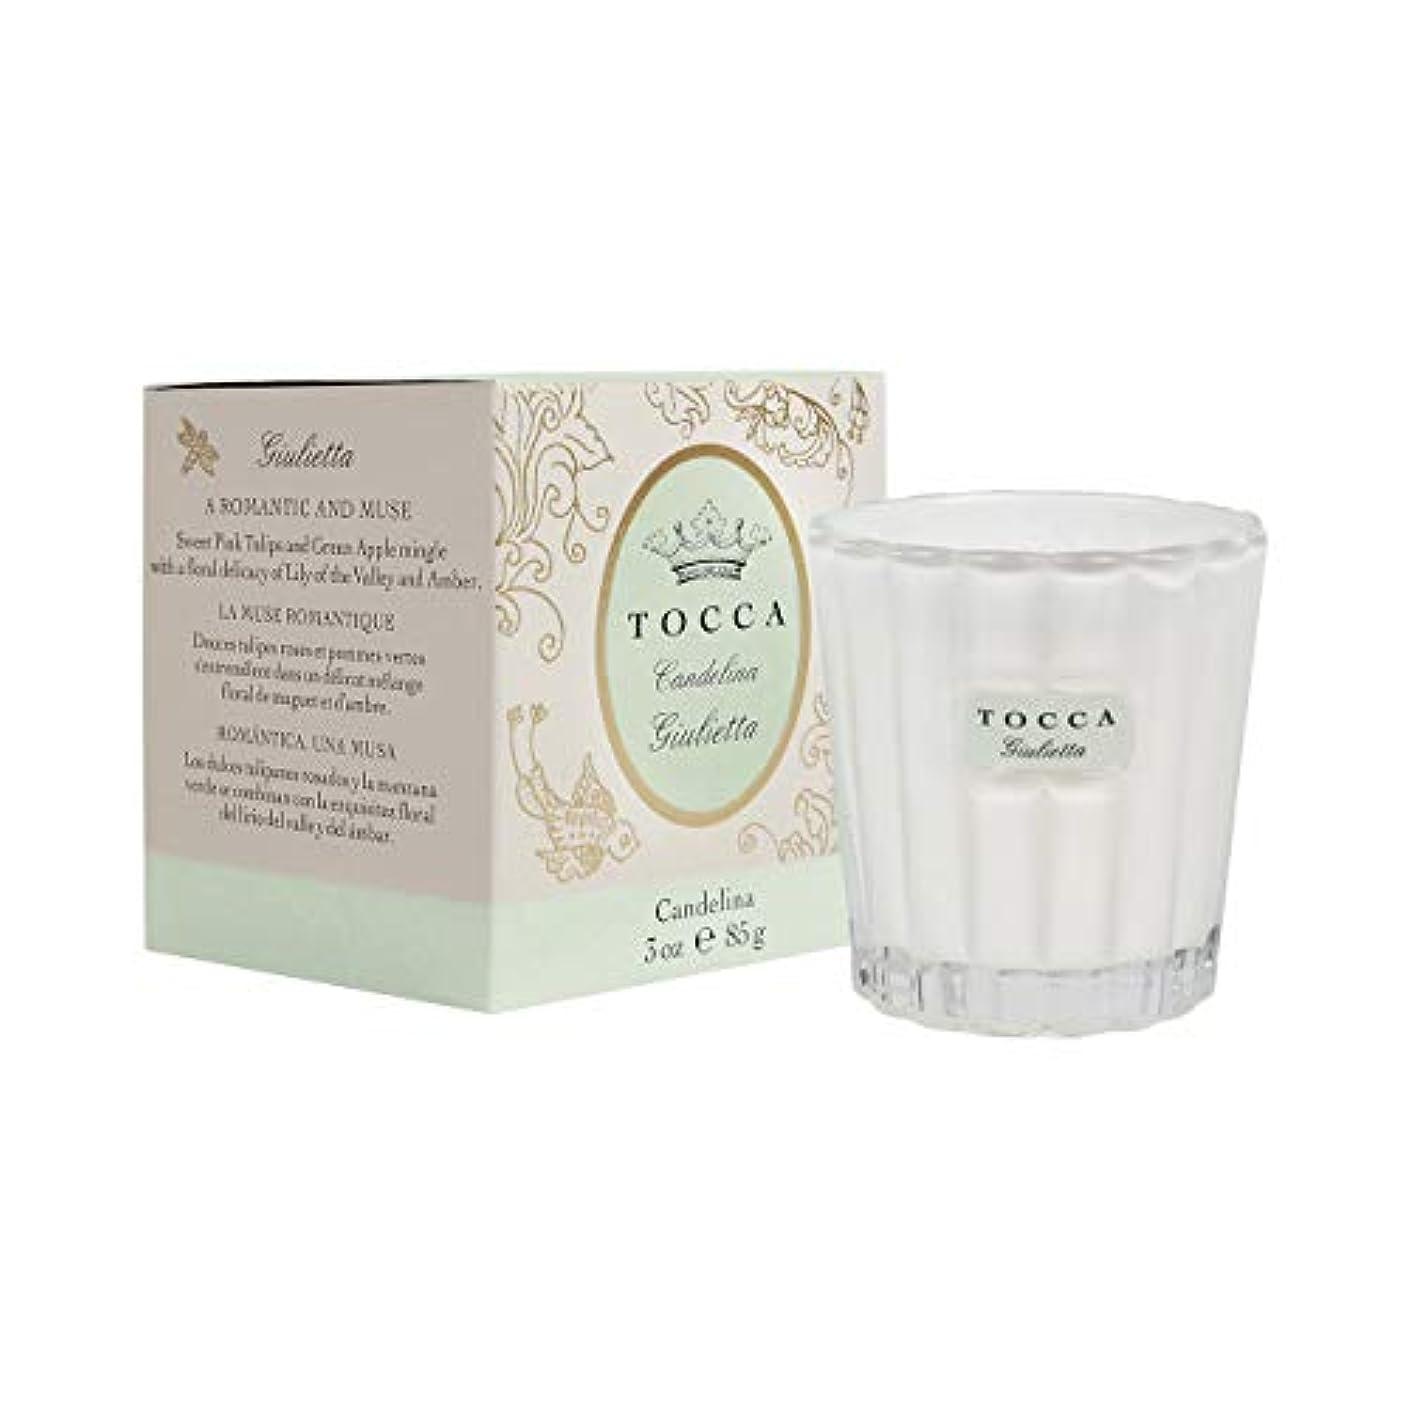 厳密に蚊論争的トッカ(TOCCA) キャンデリーナ ジュリエッタの香り 約85g (キャンドル ろうそく 爽やかで甘い香り)